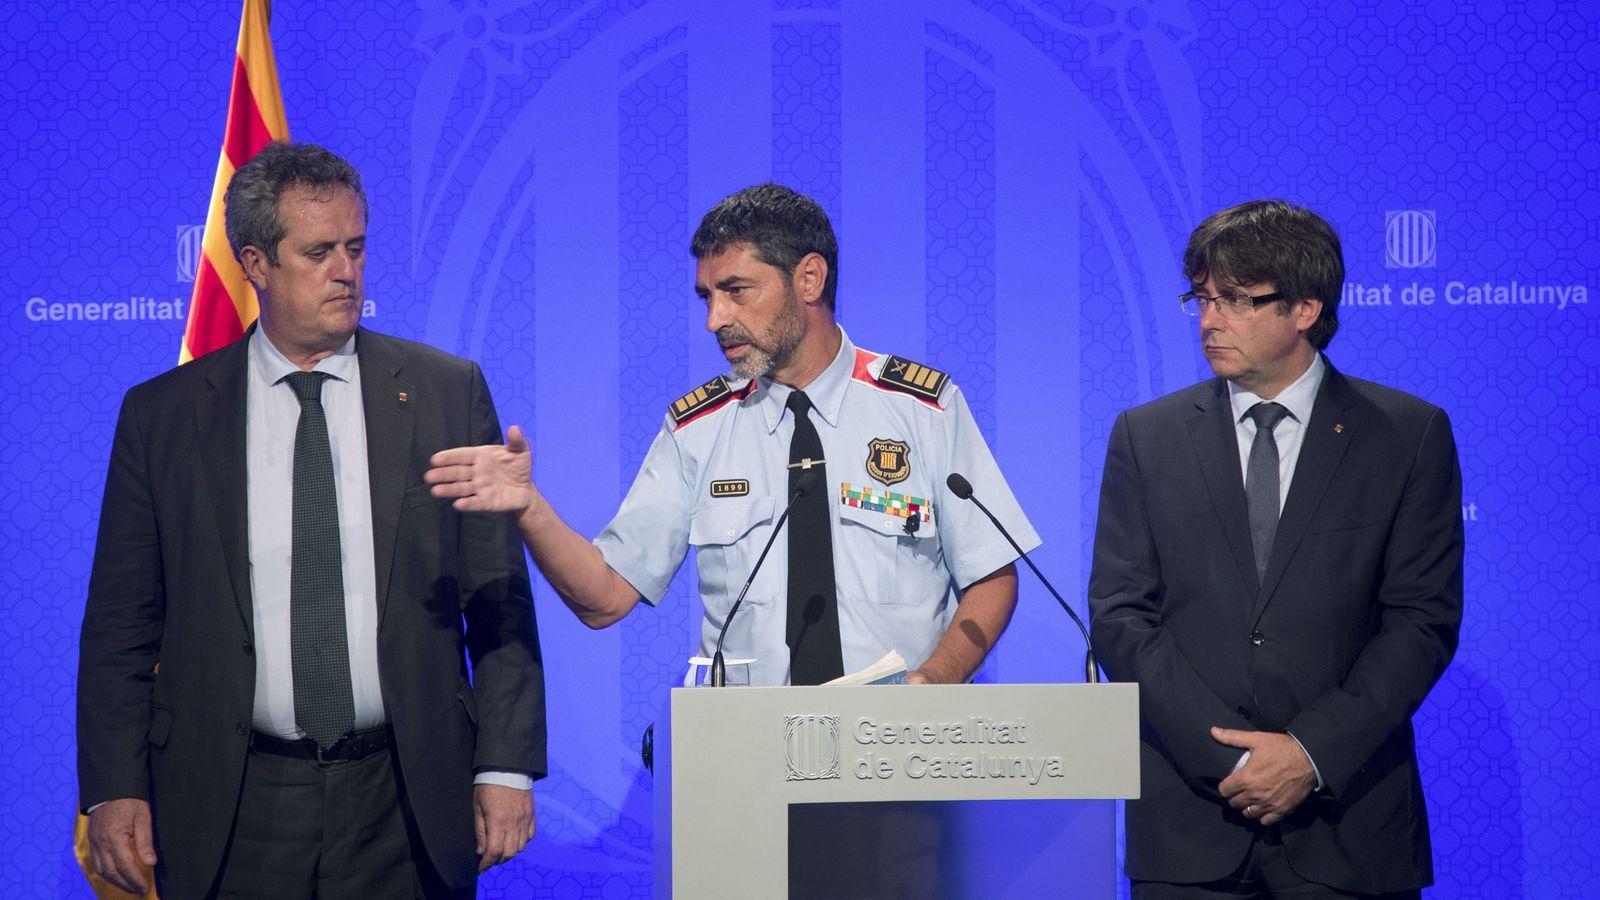 Foto: El presidente catalán, Carles Puigdemont, junto al conseller de Interior, Joaquim Forn, y el mayor de los Mossos d'Esquadra, Josep Lluís Trapero. (Efe)